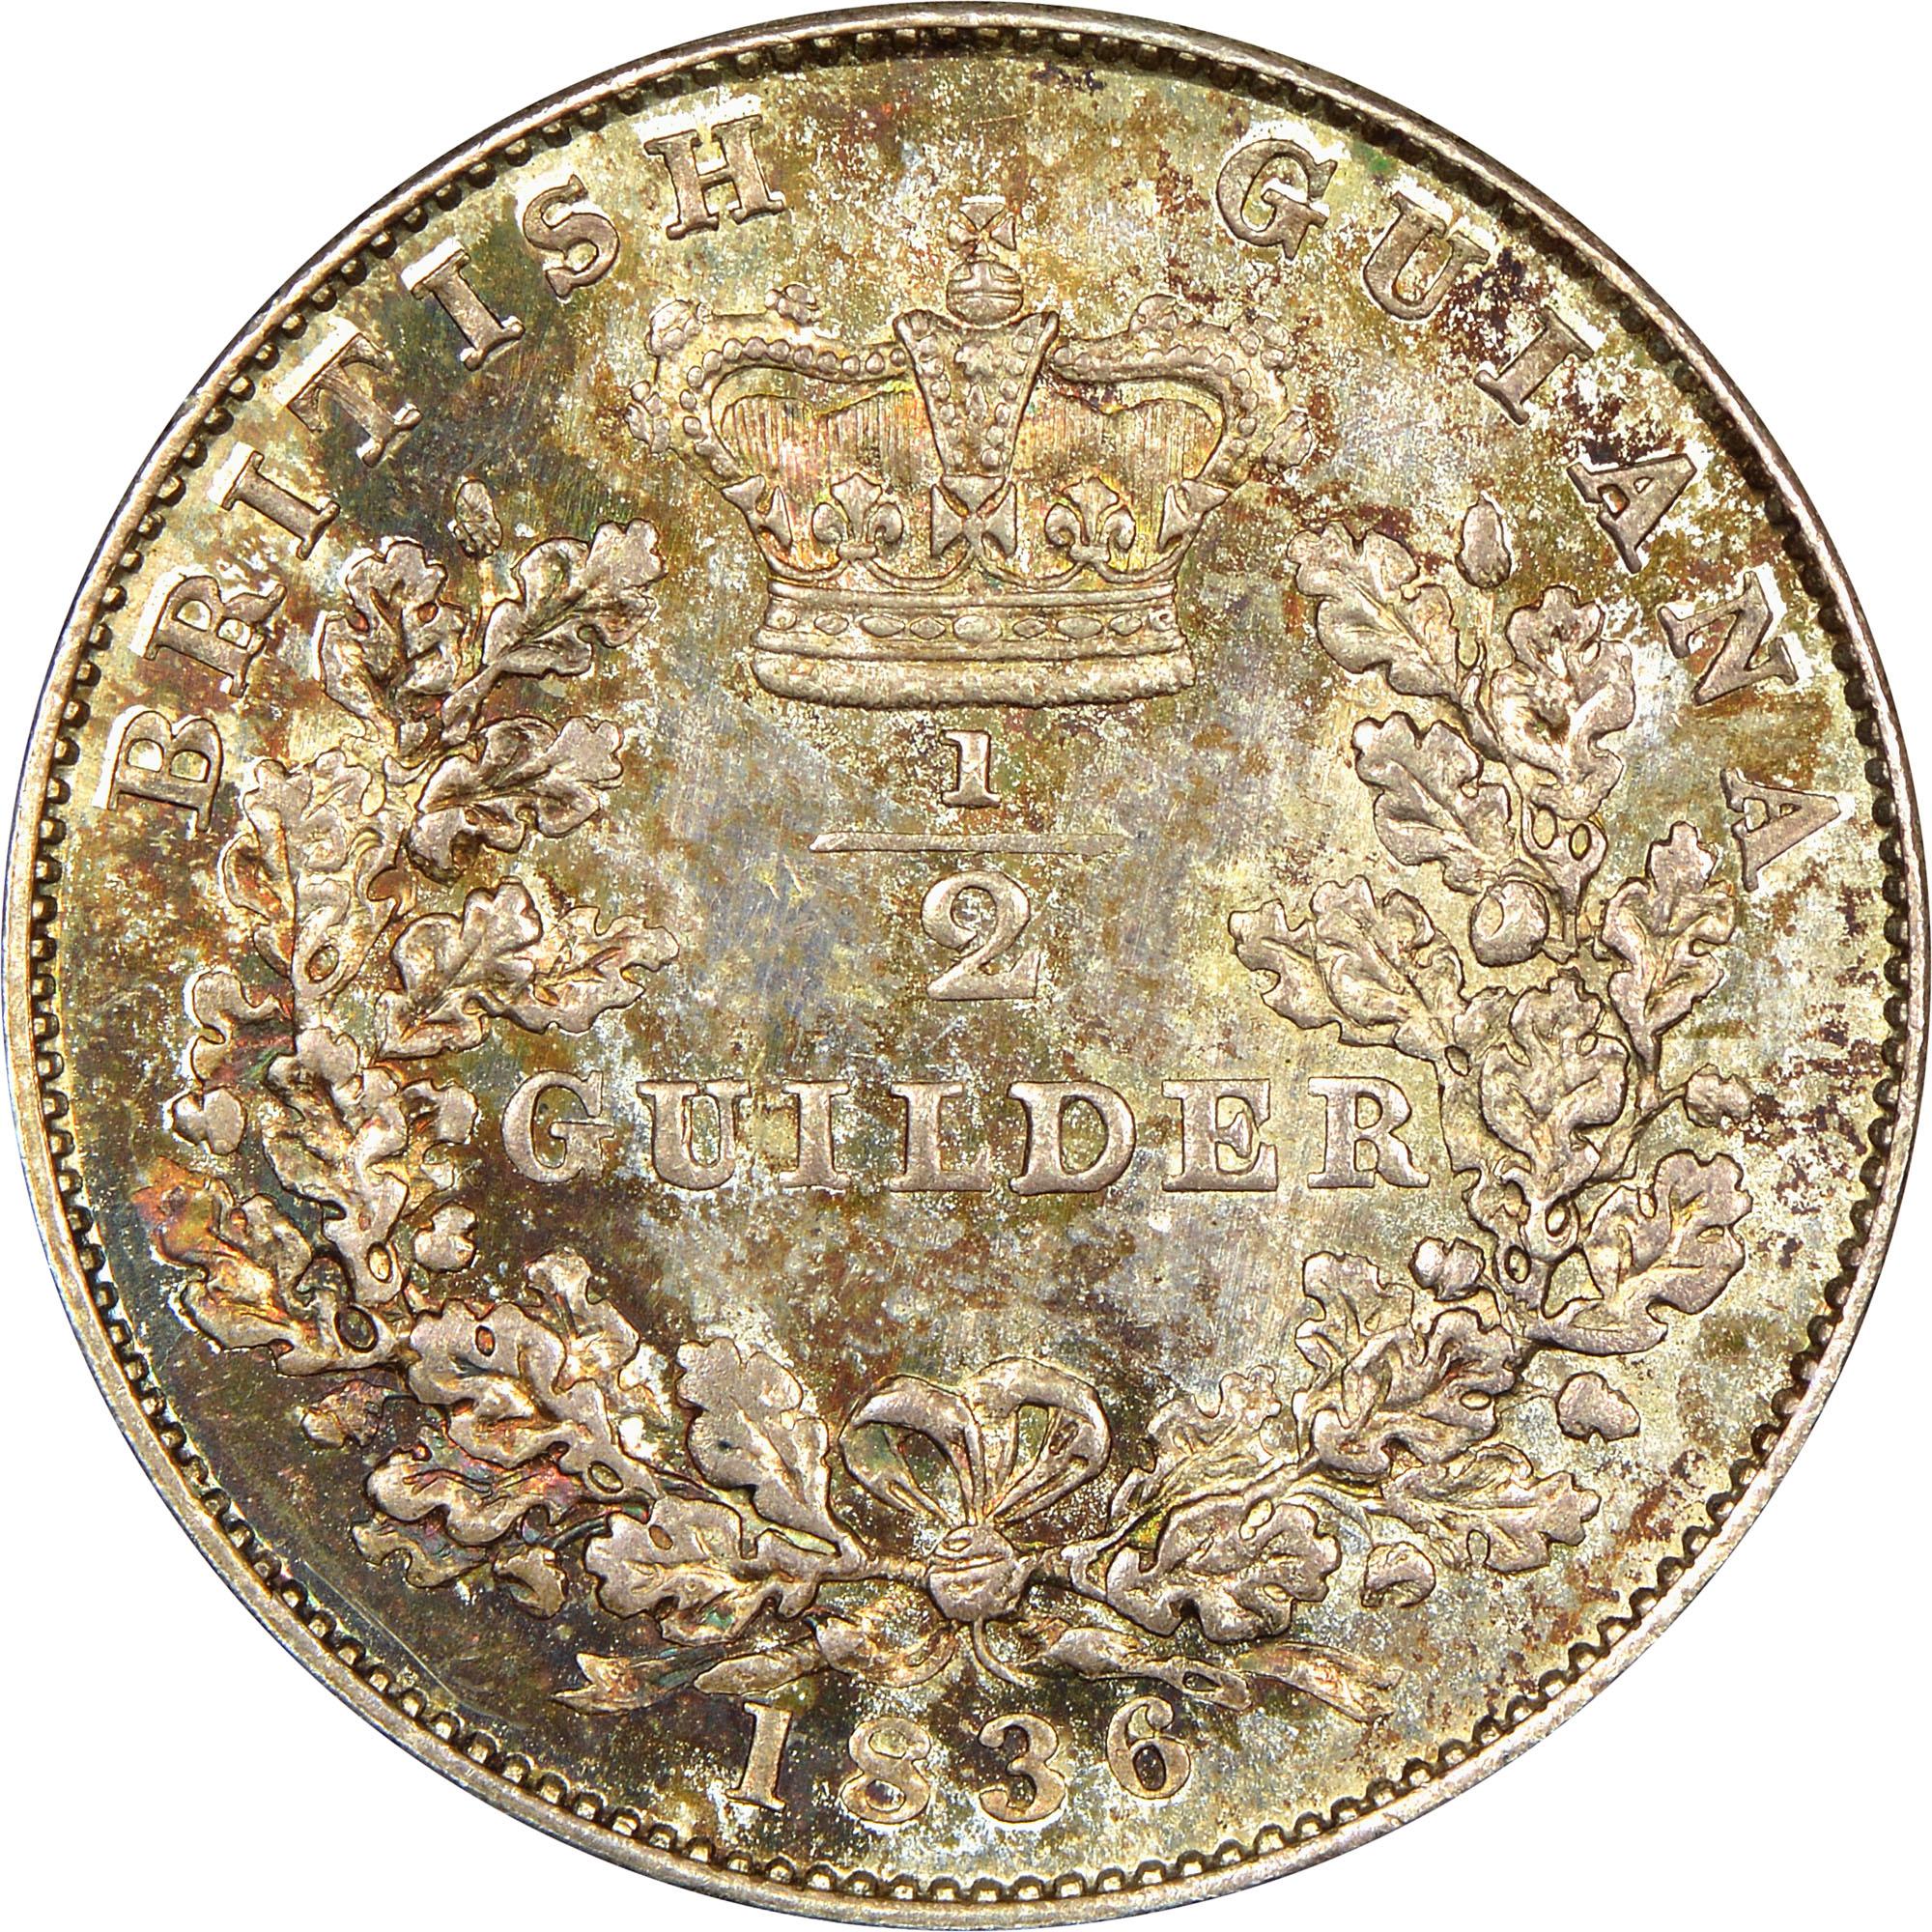 1836 Guyana 1/2 Guilder reverse